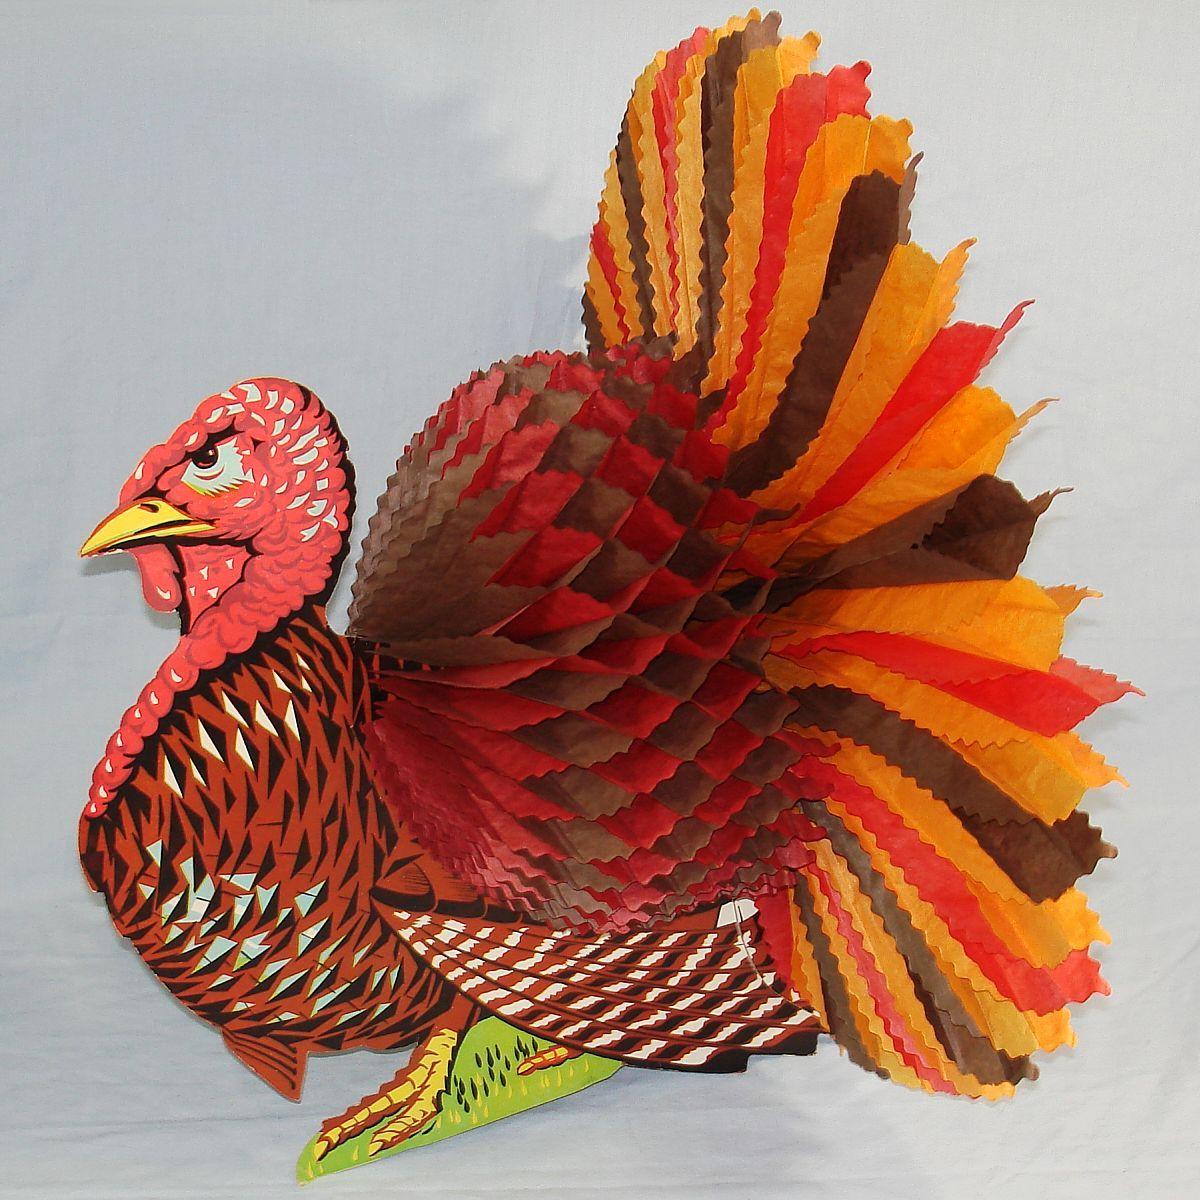 Vintage Turkey Die Cut Centerpiece with Honeycomb Thanksgiving Decoration